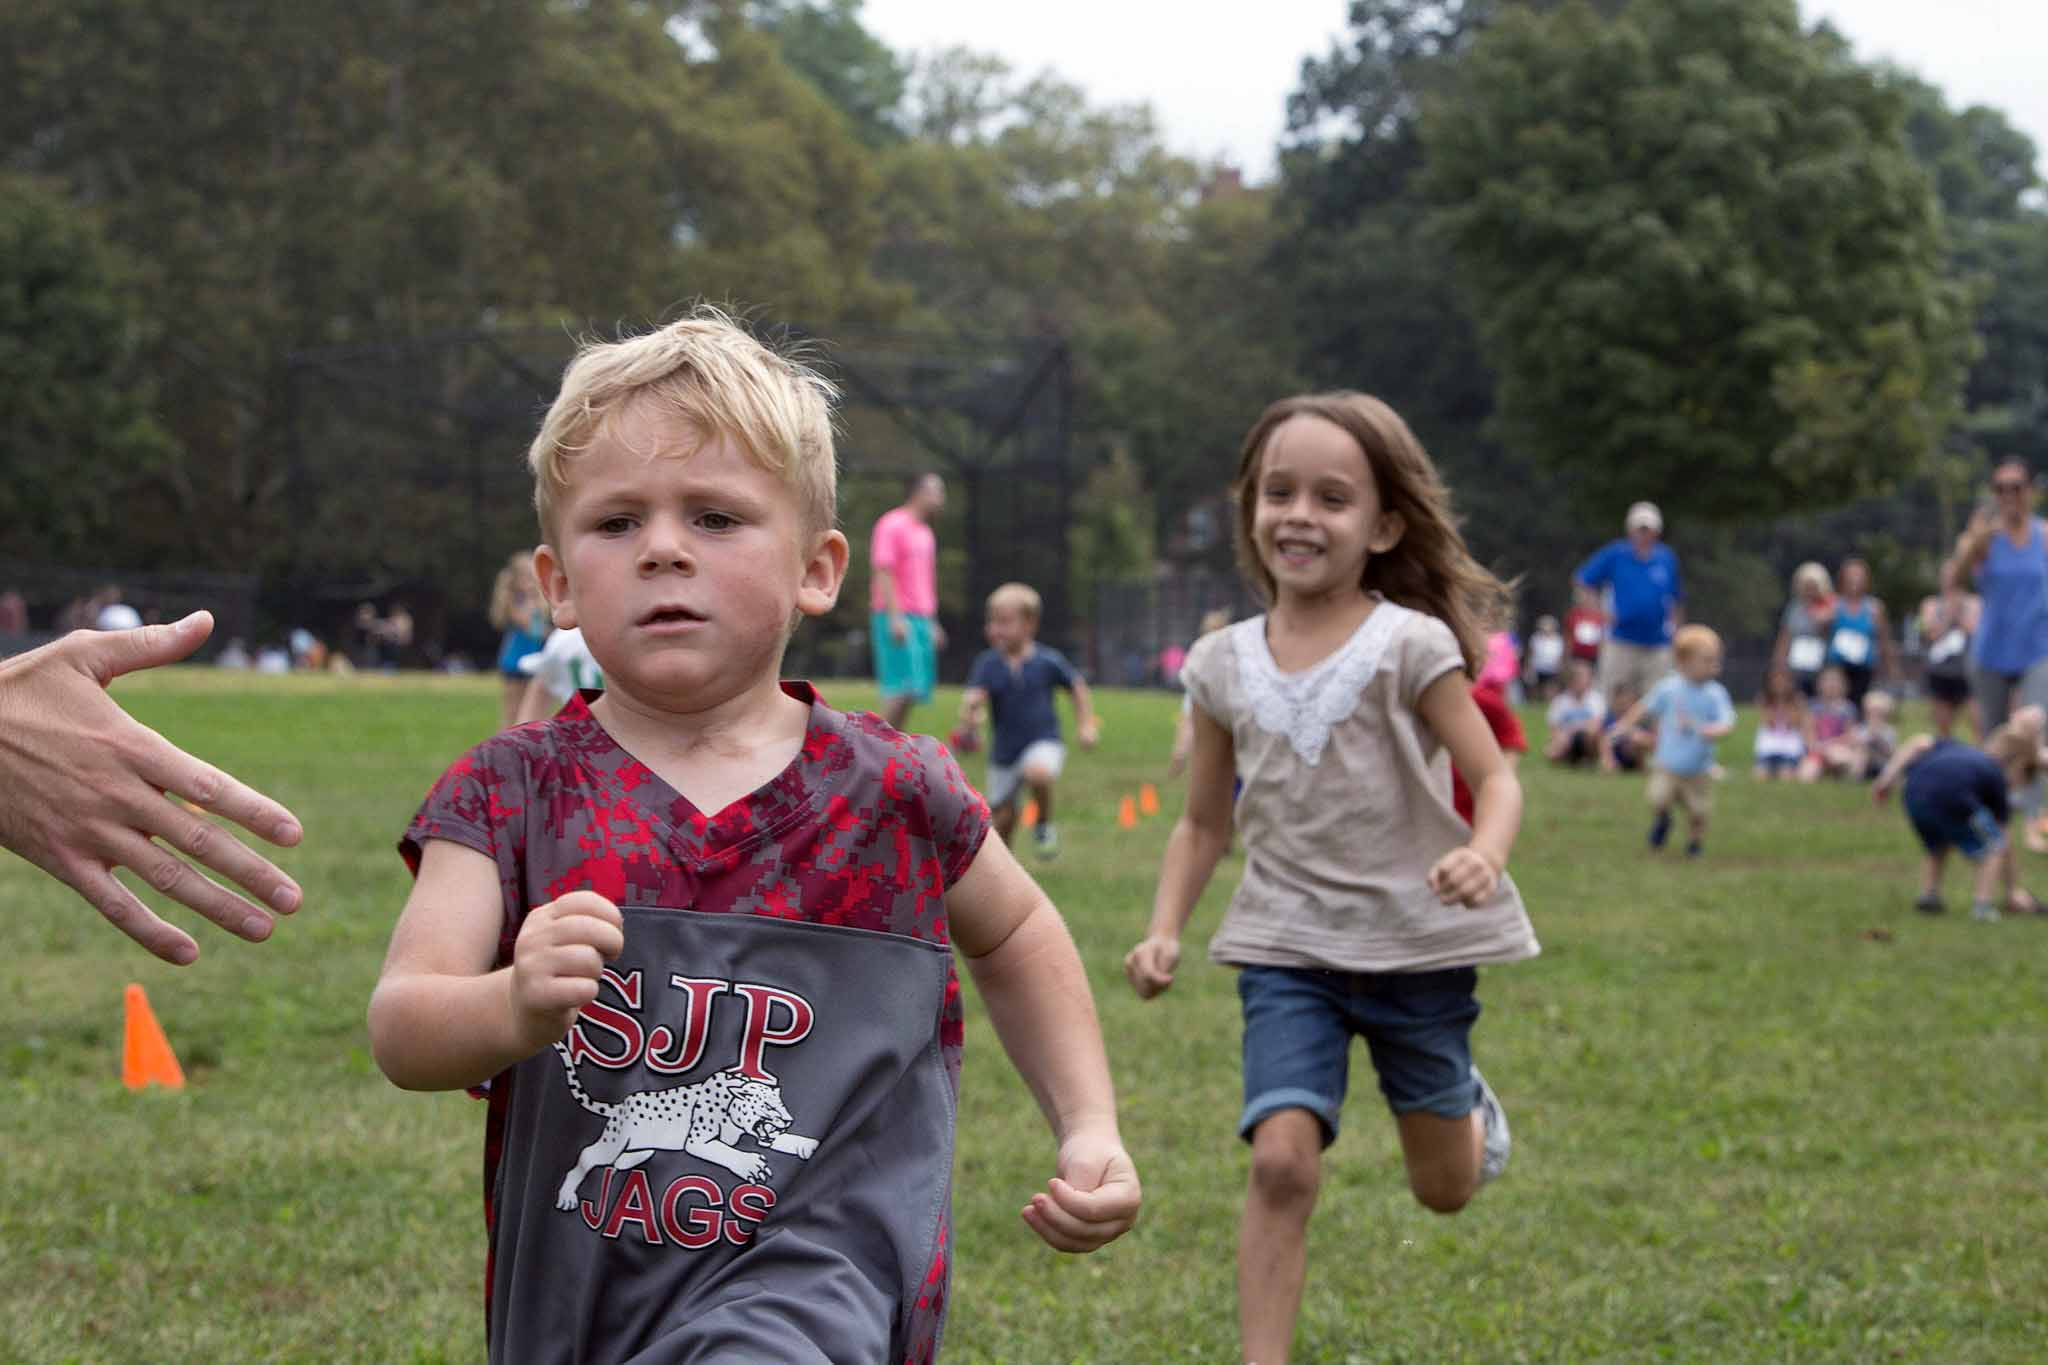 192-Woodlawn Run for a Cause-566.jpg